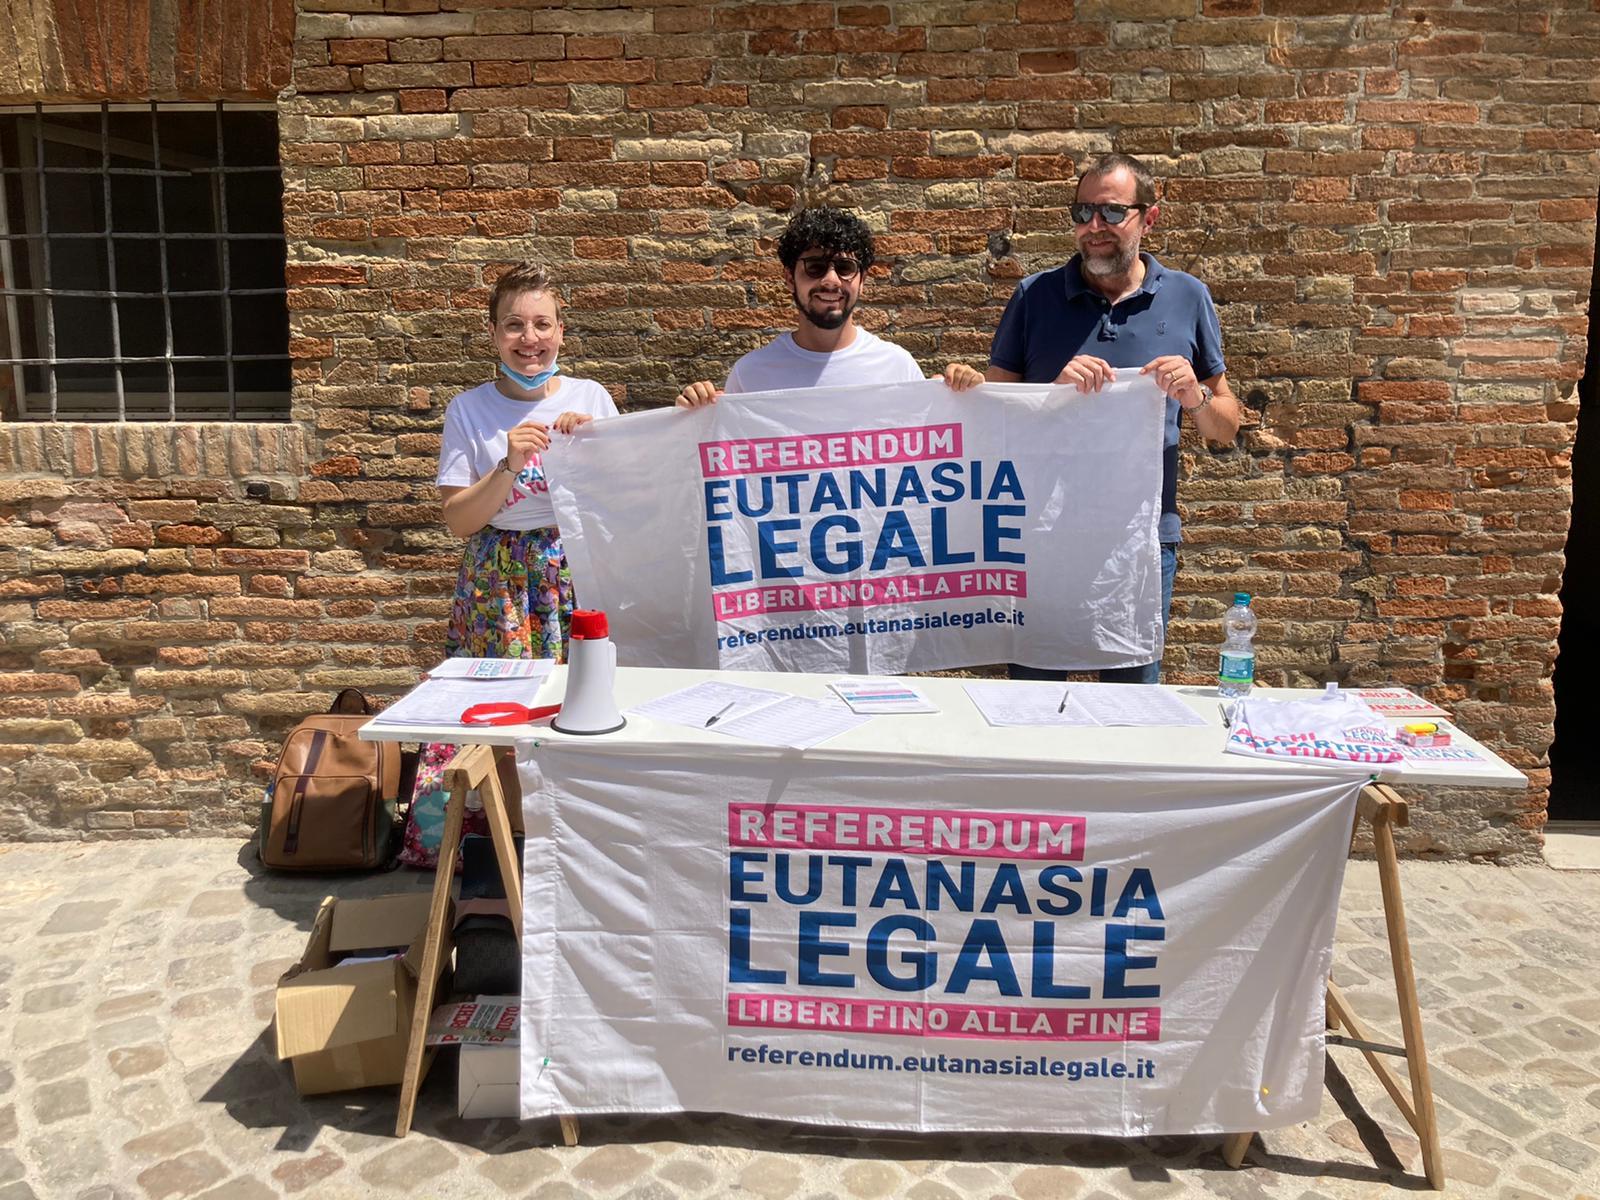 Giovanni Alvarez ed altri attivisti durante una raccolta firme per il referendum sull'eutanasia in piazza a Urbino, la cui festa è stata negata dall'Assessora e dall'amministrazione comunale